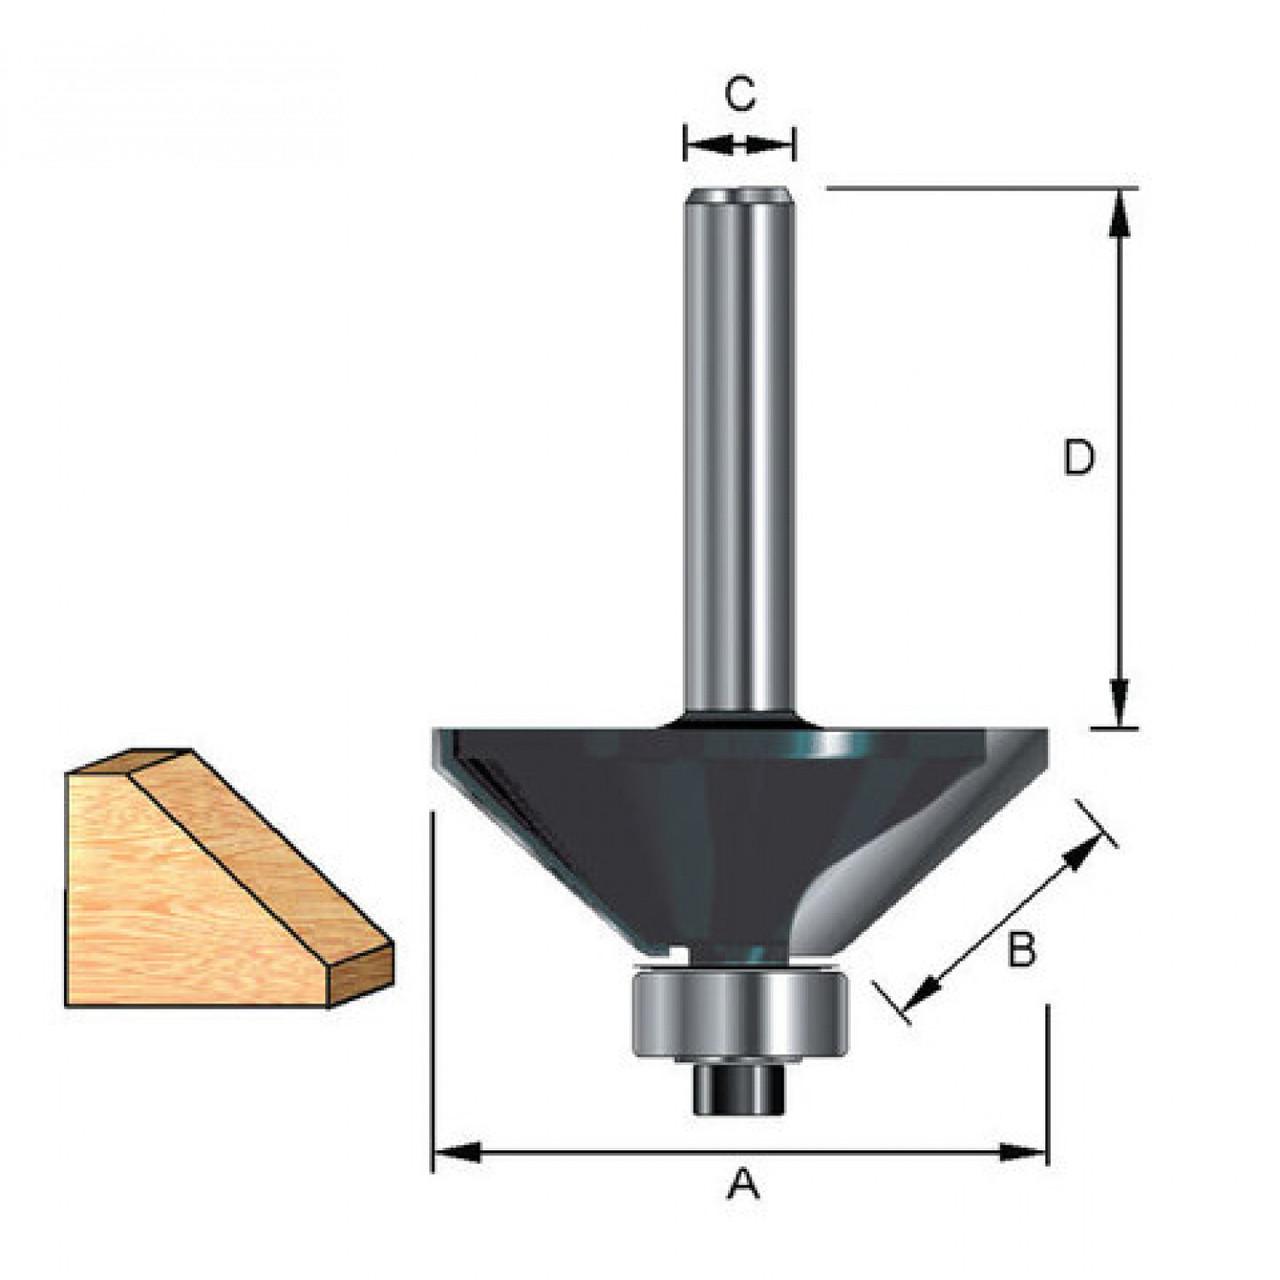 (36673) Фреза кромочная профильная c нижним подшипником, DxHxL = 32х16х56 мм